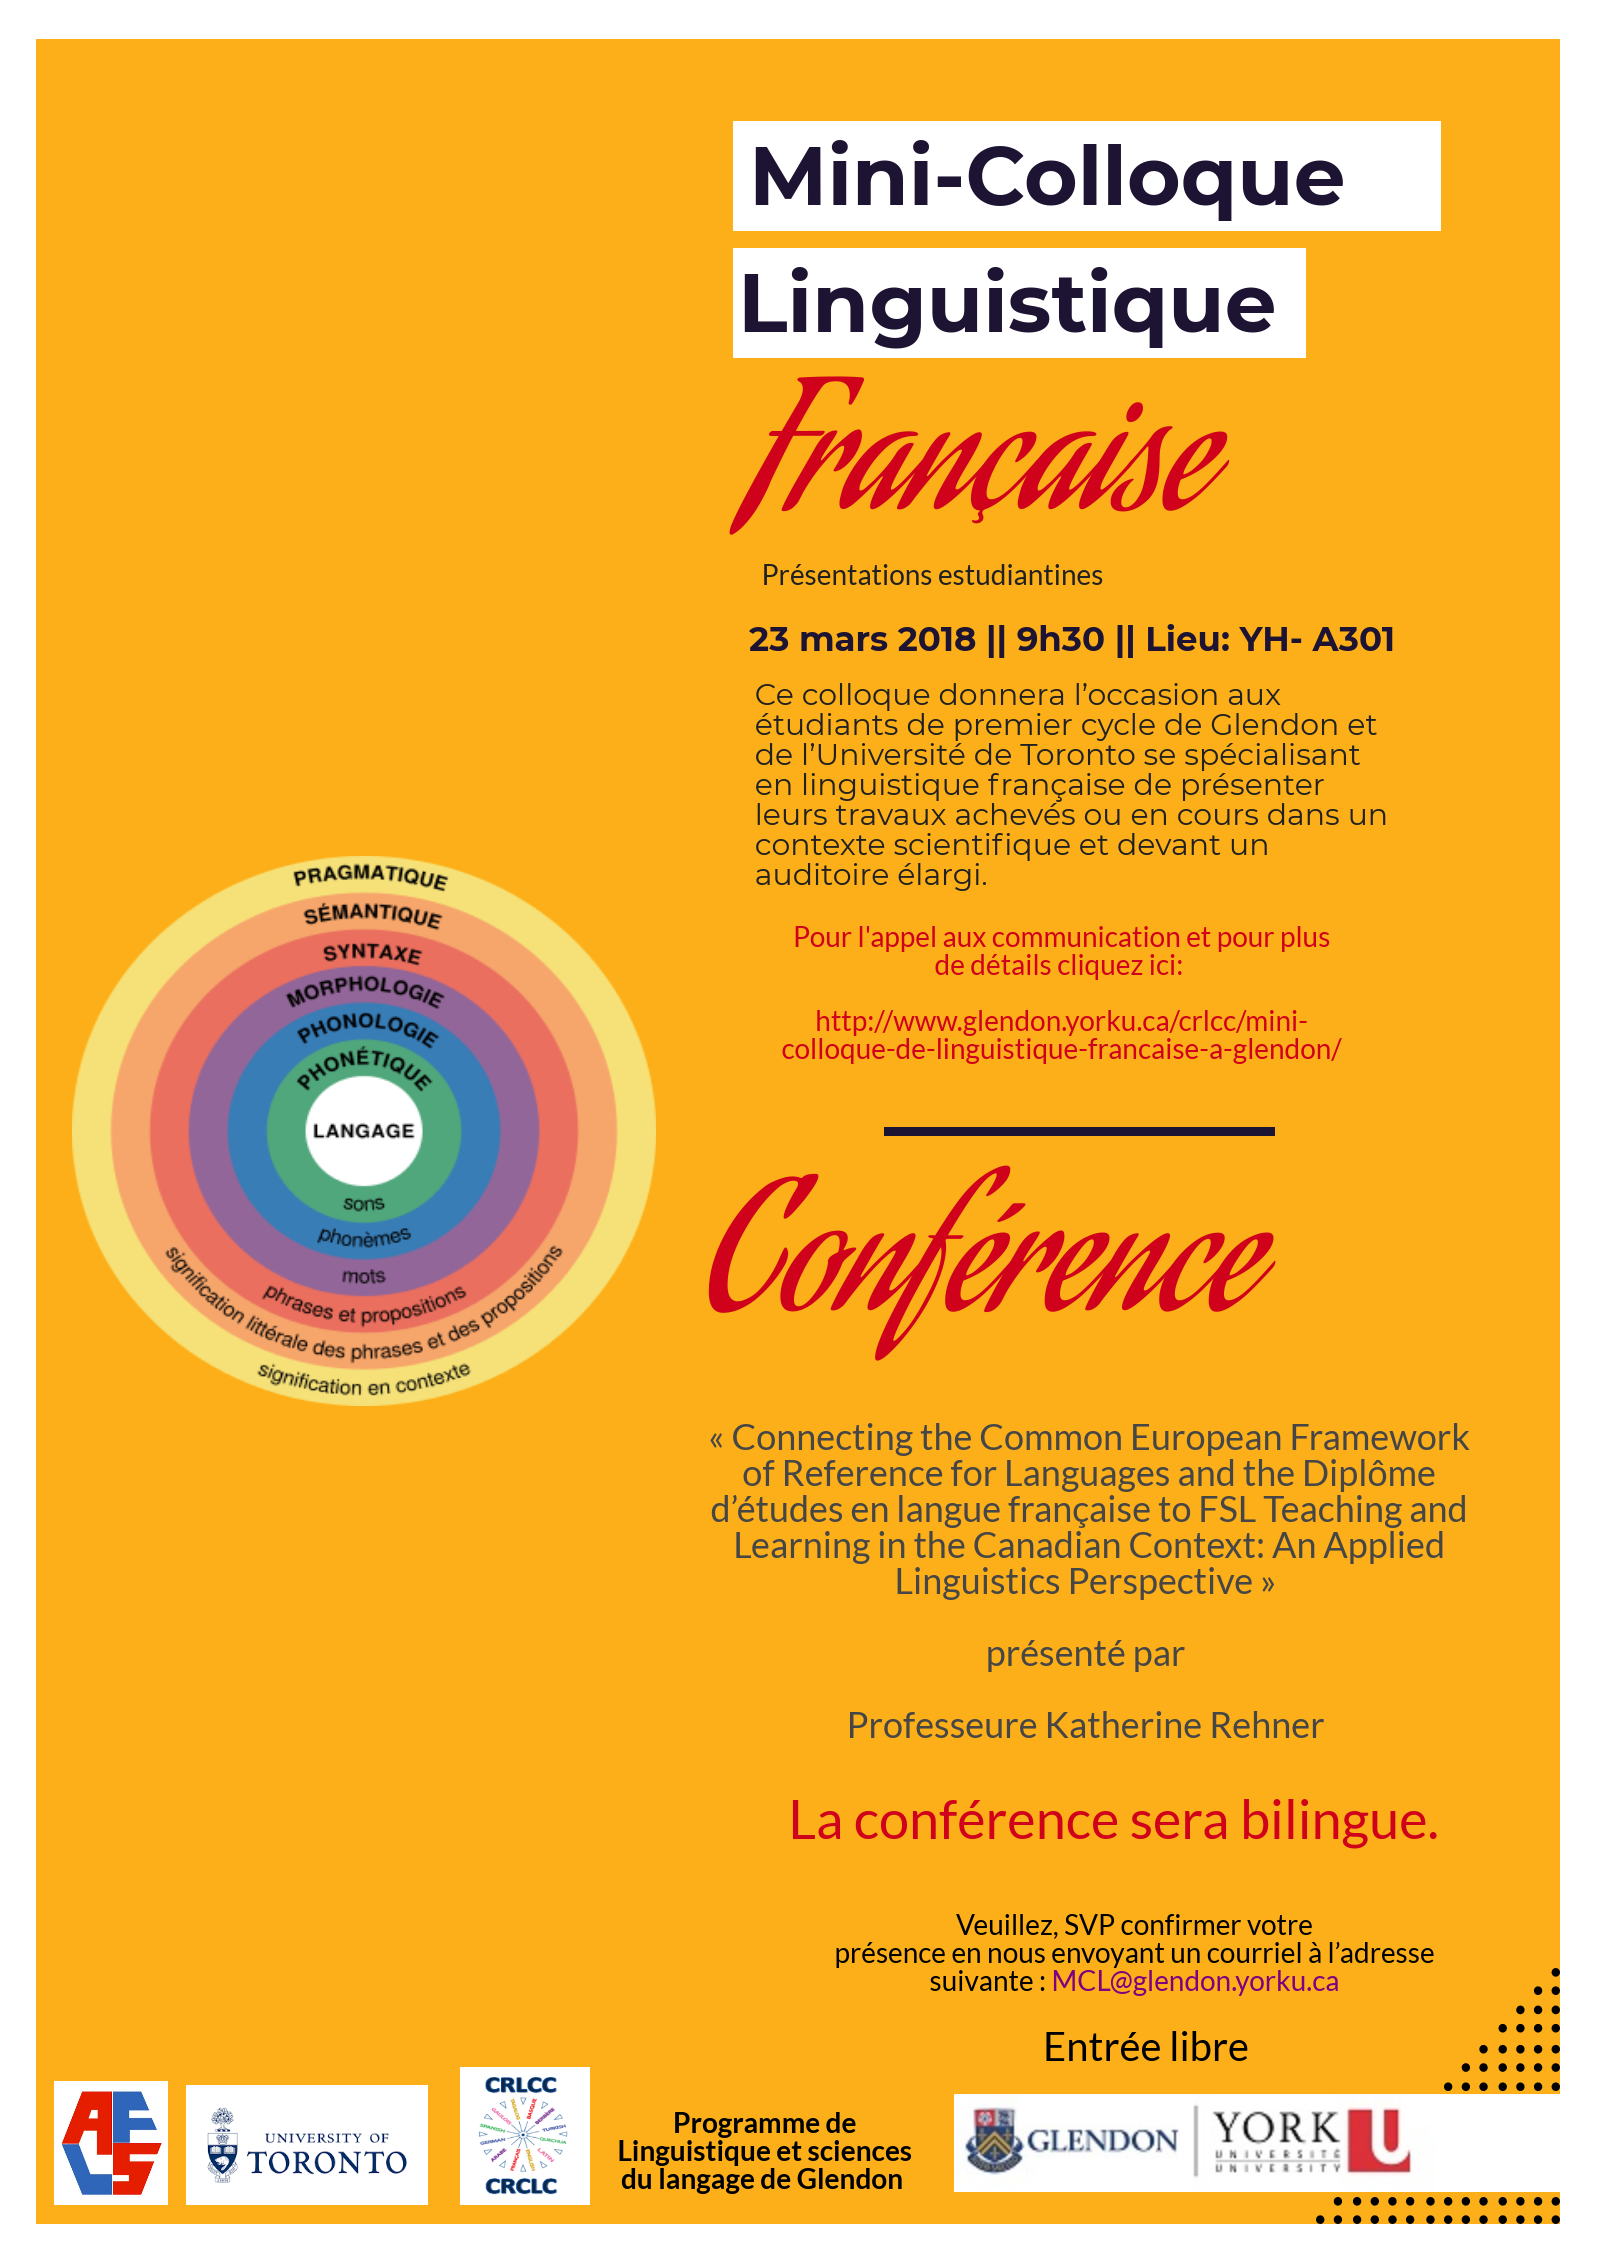 Mini-colloque de linguistique française et conférence par  Katherine Rehner